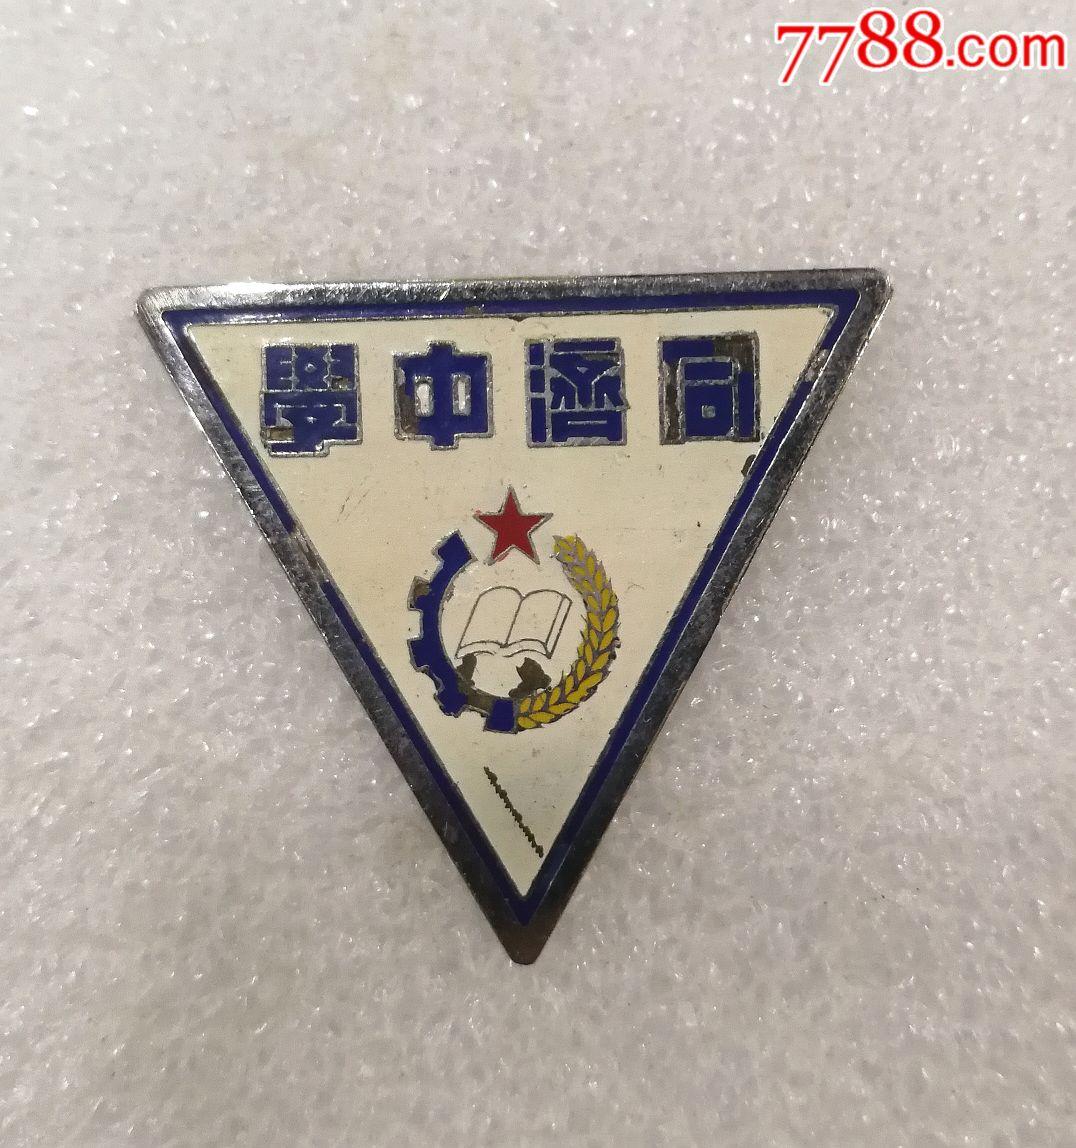 少见的早期同济中学三角形校徽_价格306元_第1张_